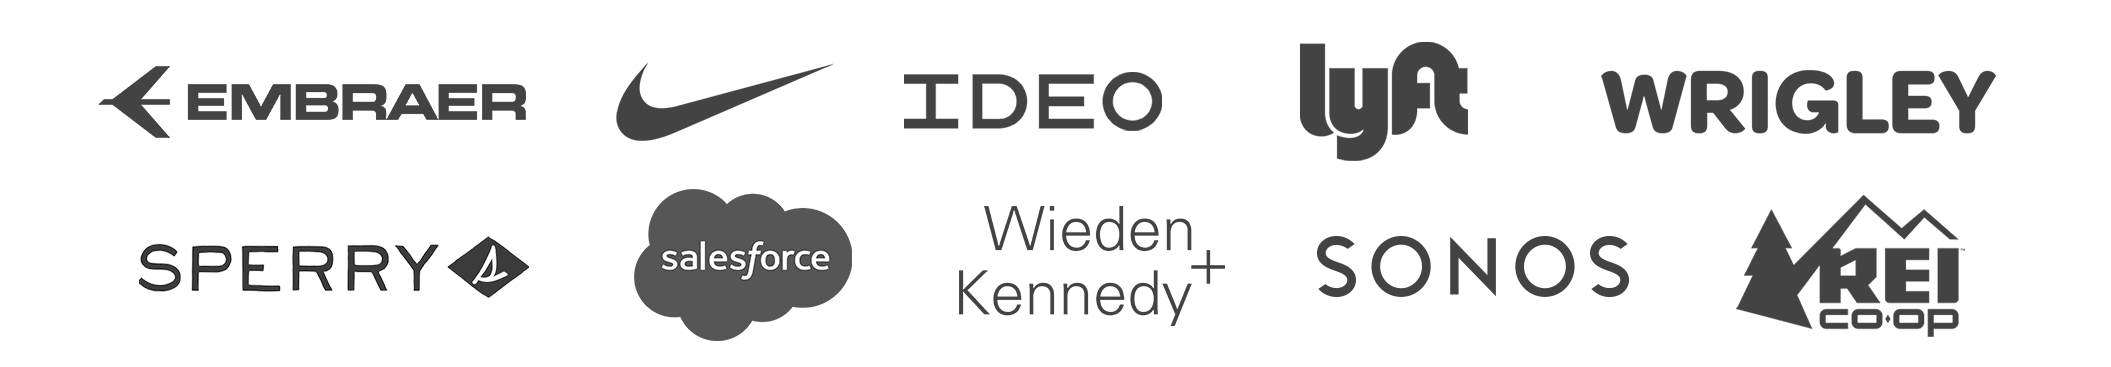 customer testimonial logos